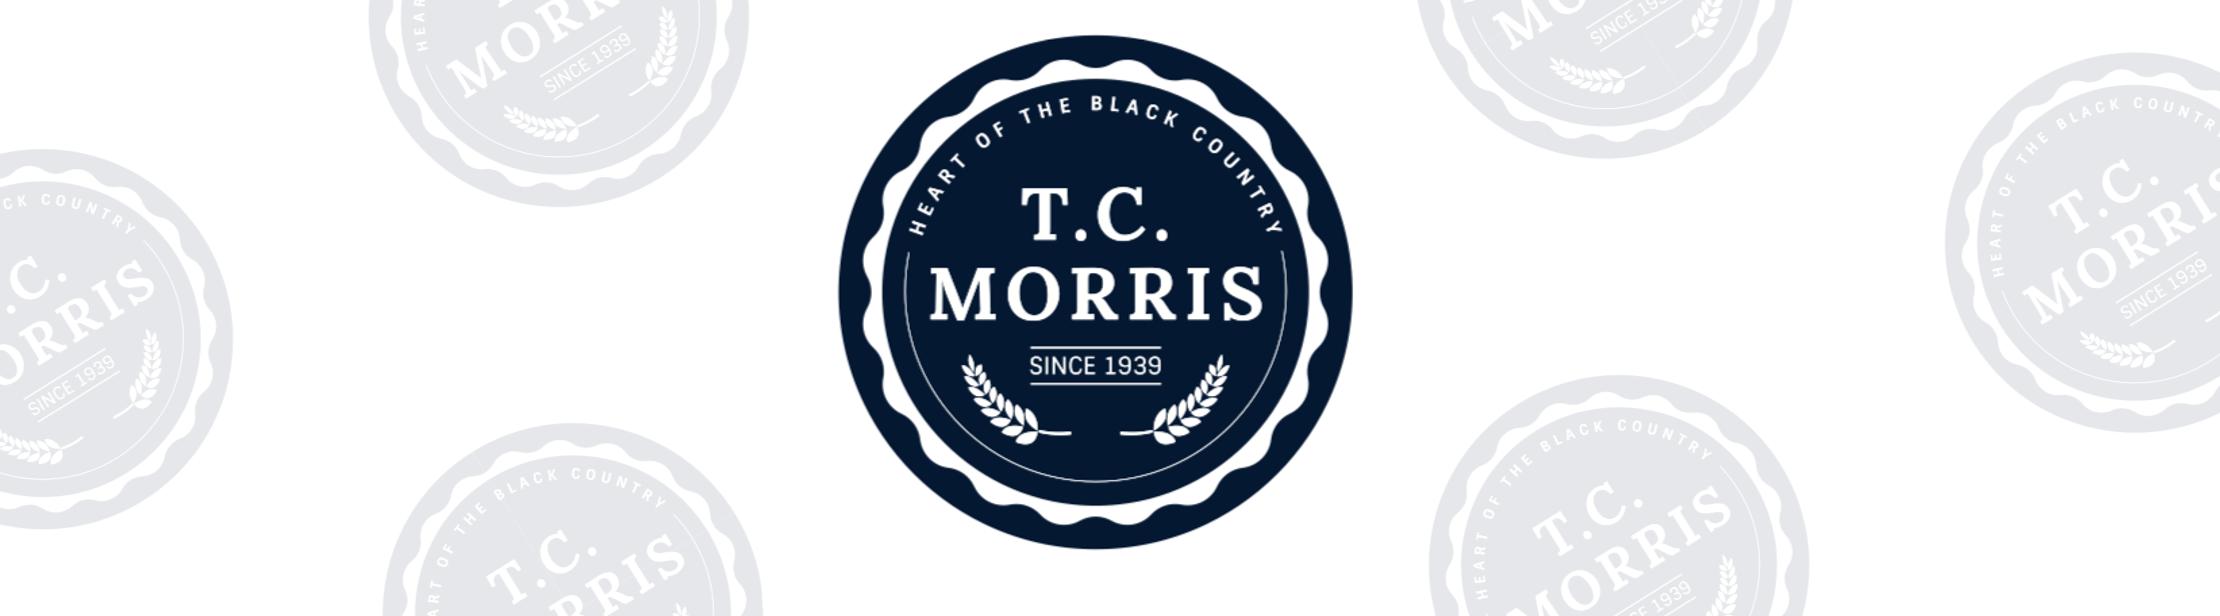 T.C. Morris Pork Pies